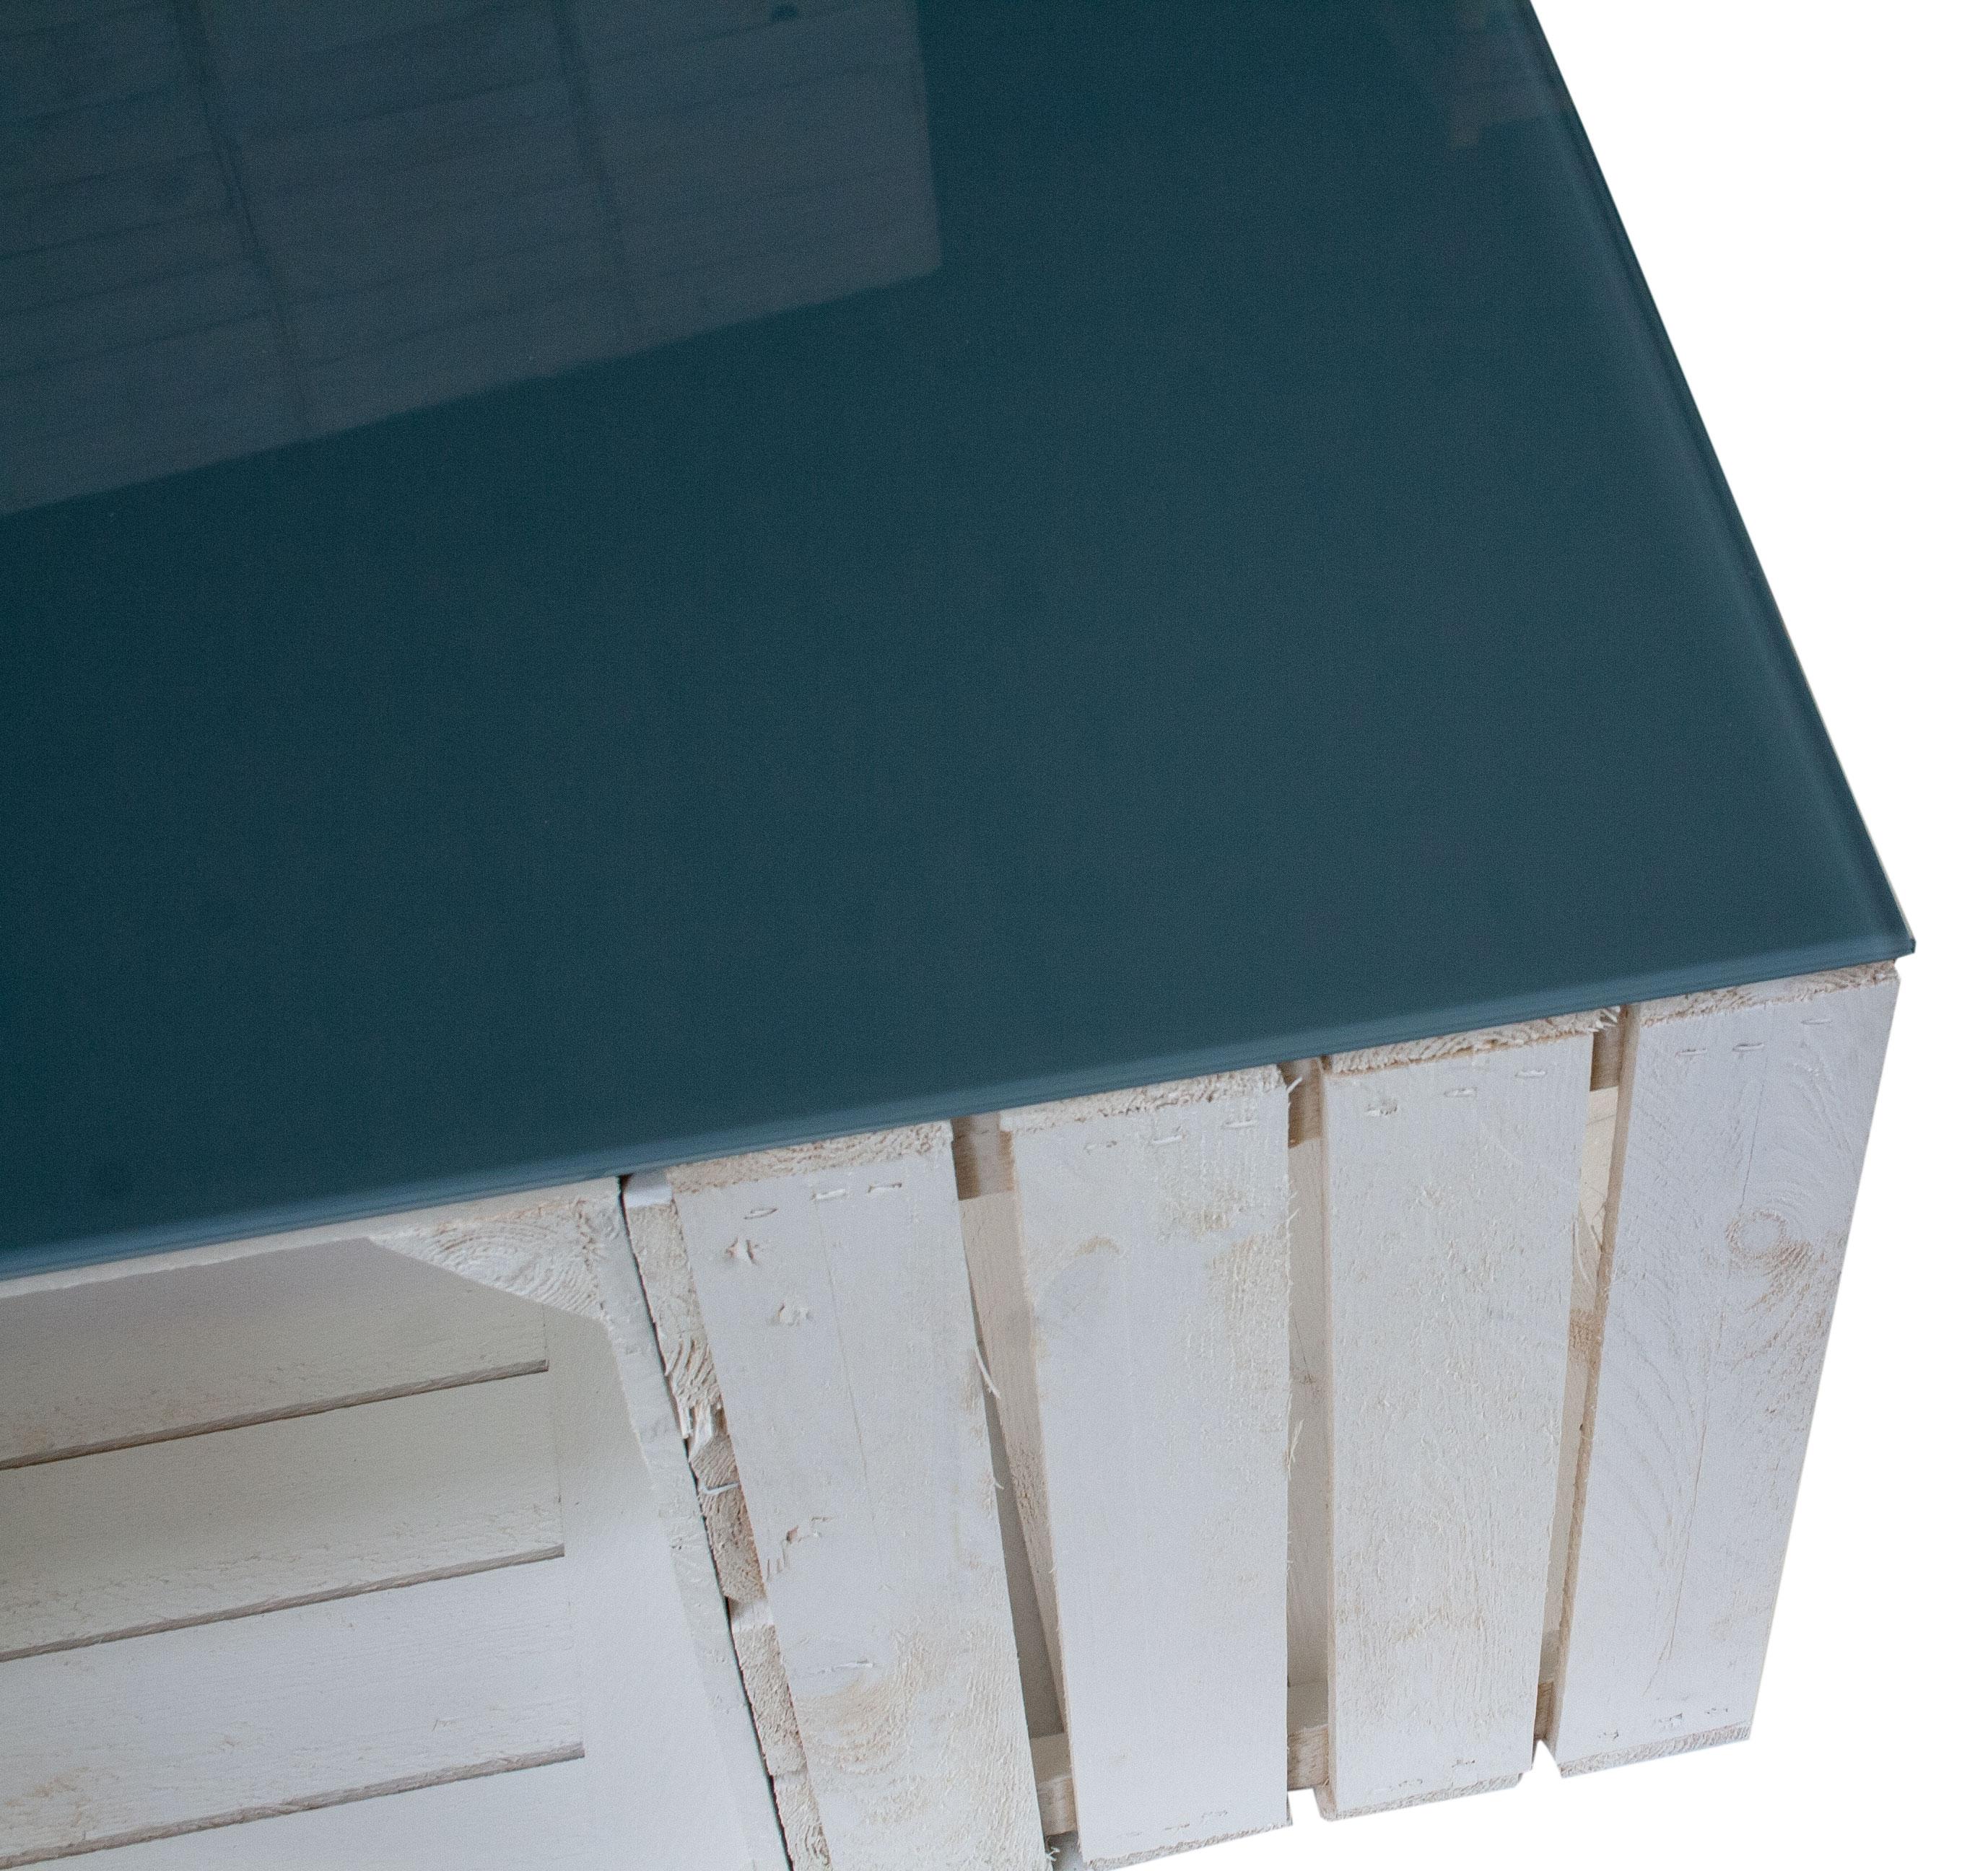 m bel couchtisch aus wei en apfelkisten und grauer glasplatte 81x81x44cm. Black Bedroom Furniture Sets. Home Design Ideas